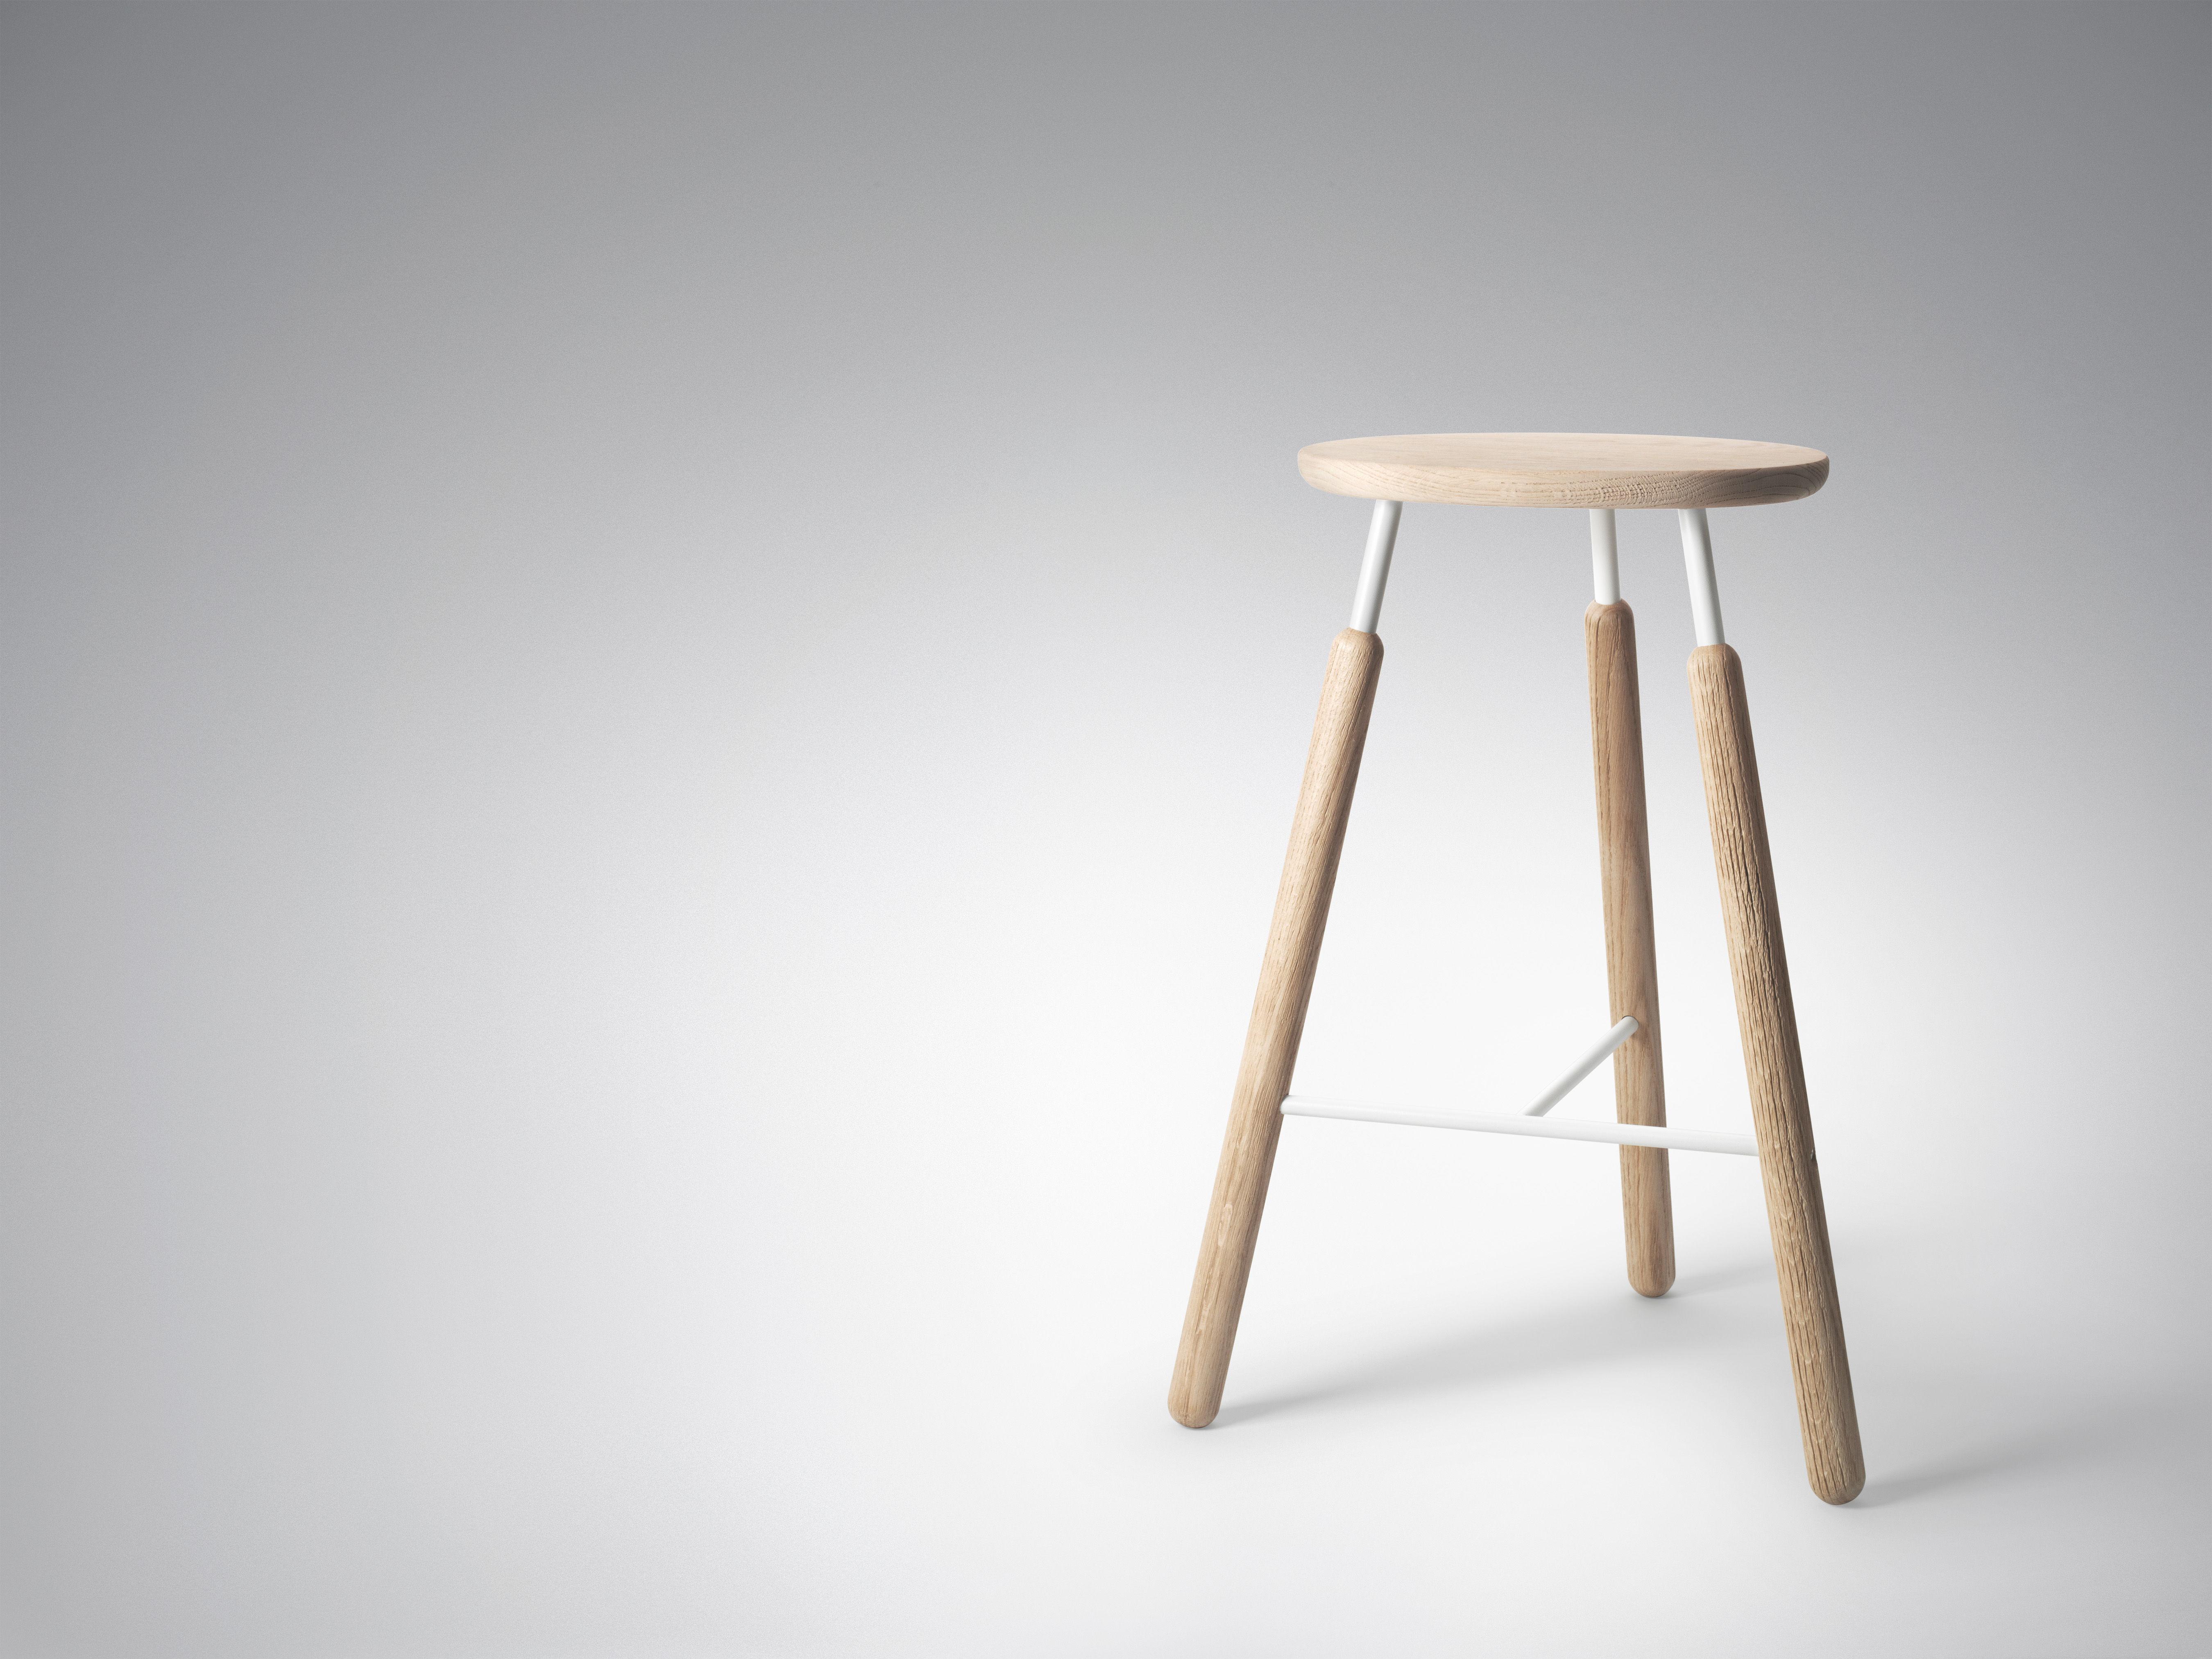 tabouret de bar raft bois m tal h 70 cm bois naturel blanc tradition. Black Bedroom Furniture Sets. Home Design Ideas